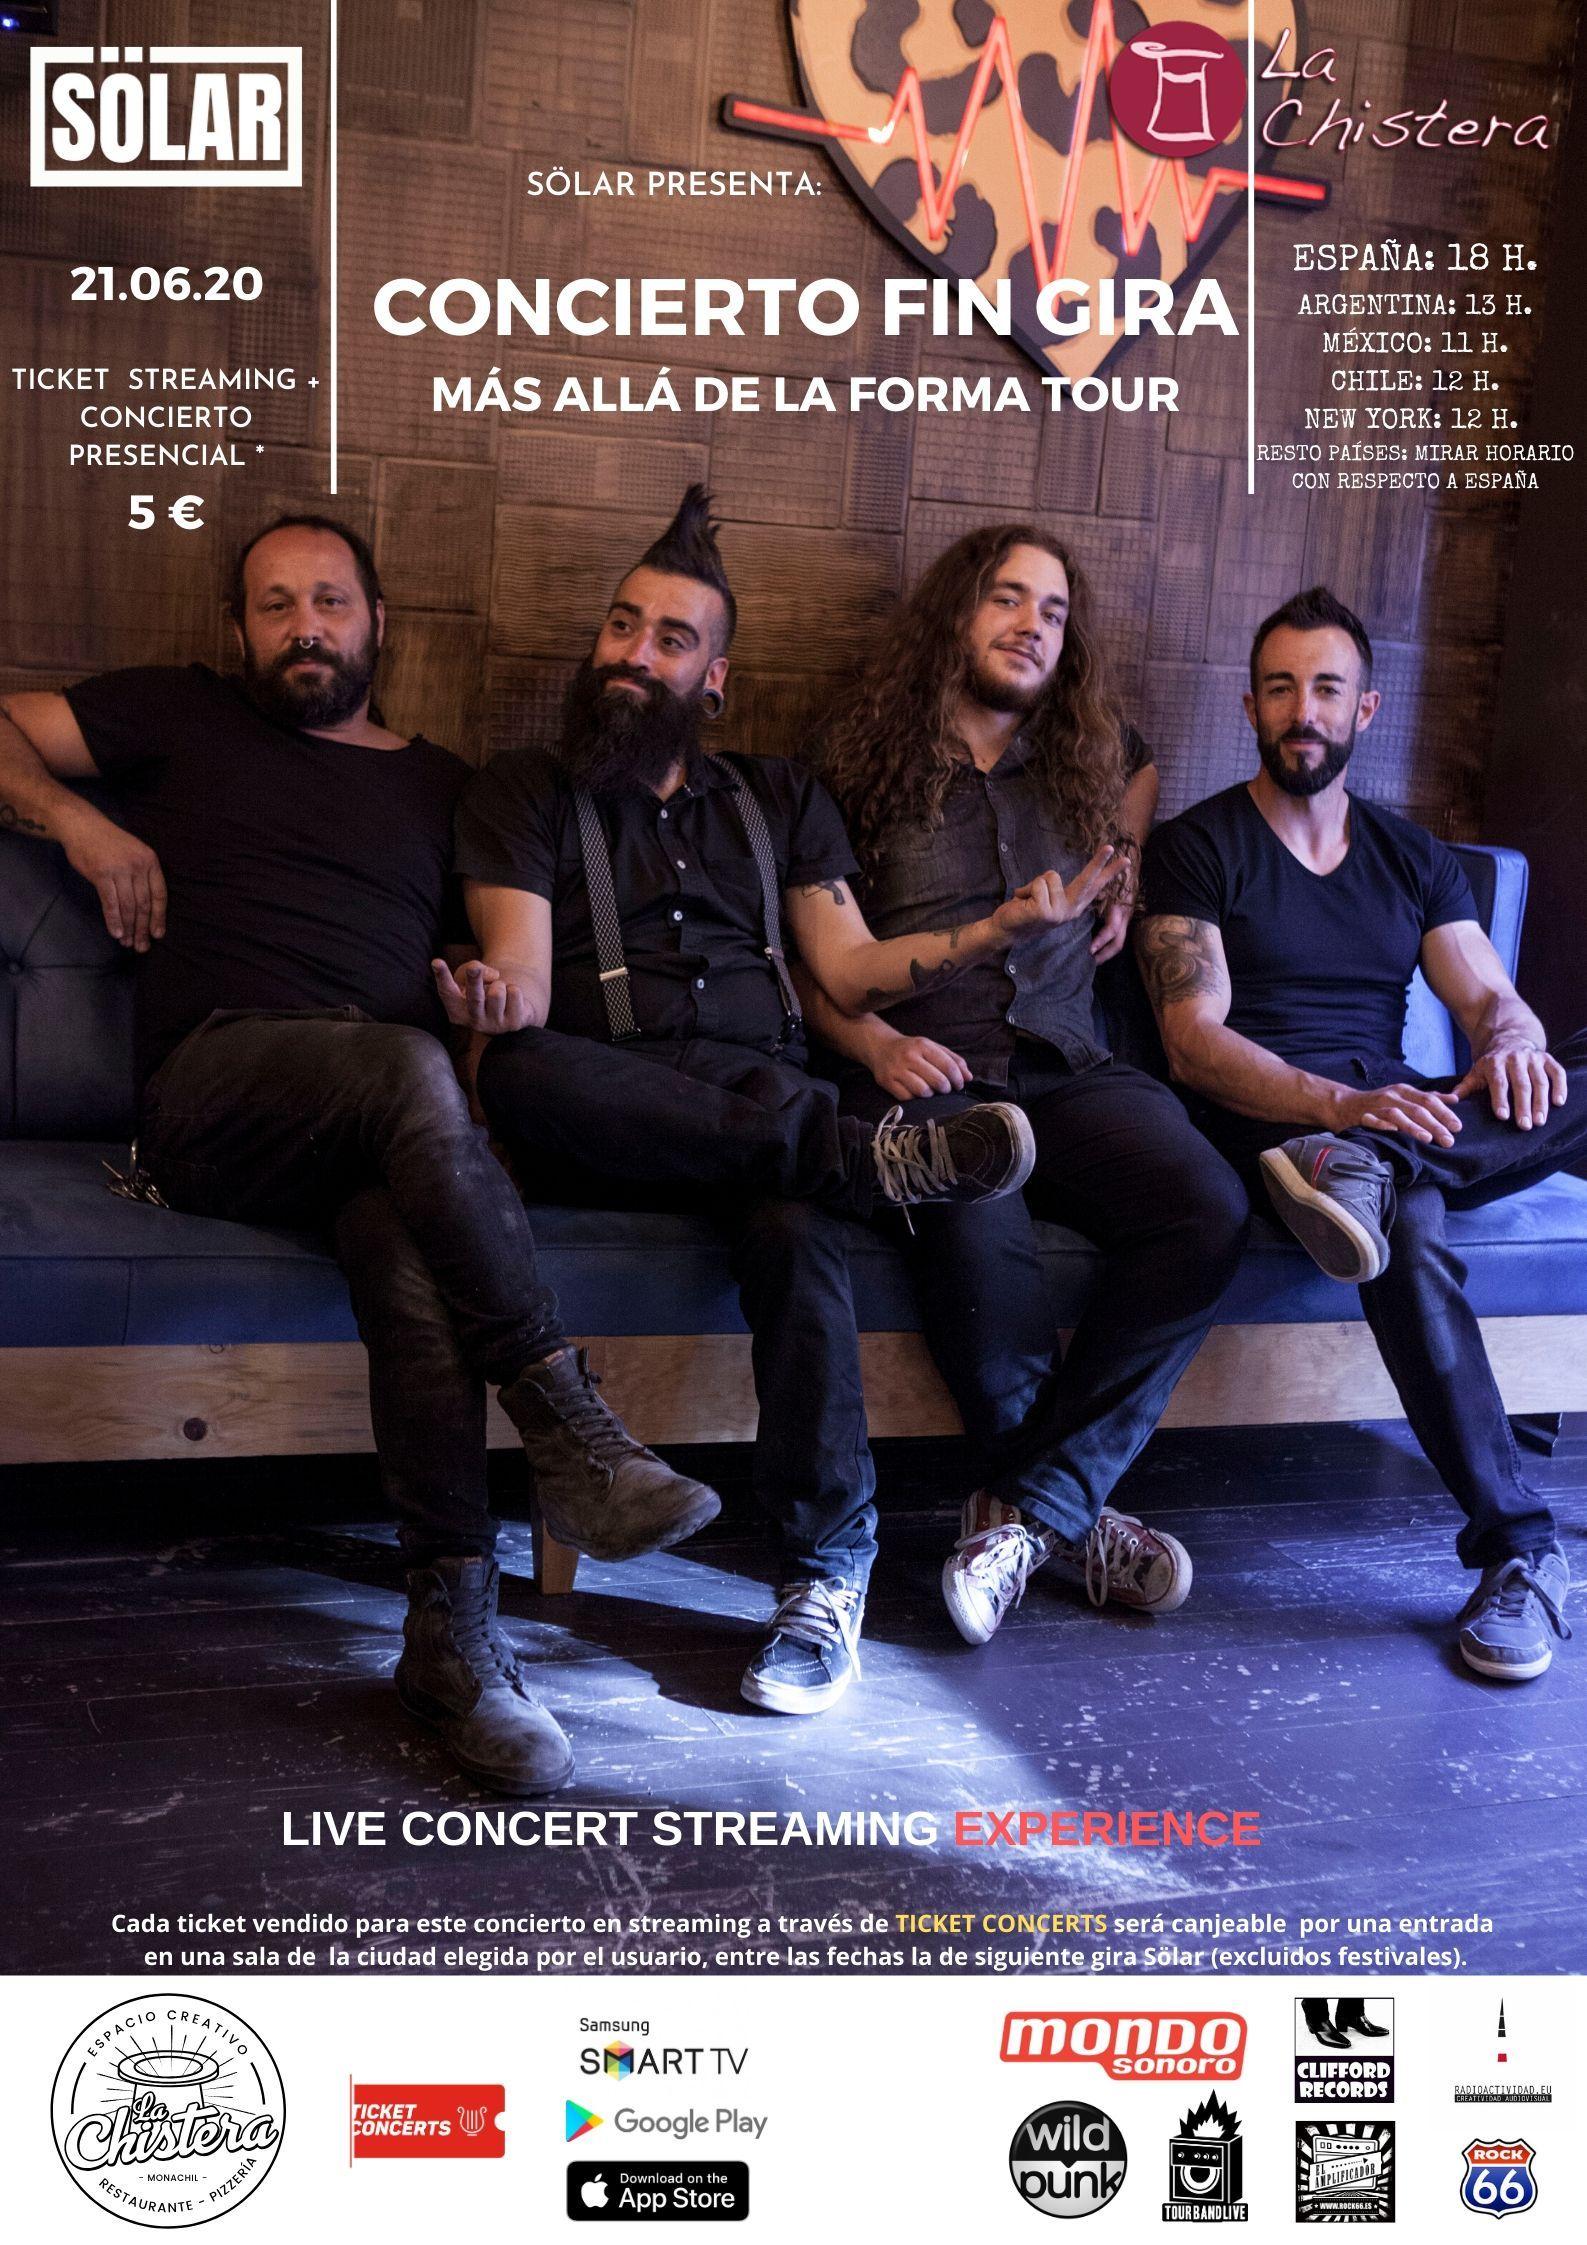 Sölar cierra gira en streaming desde La Chistera